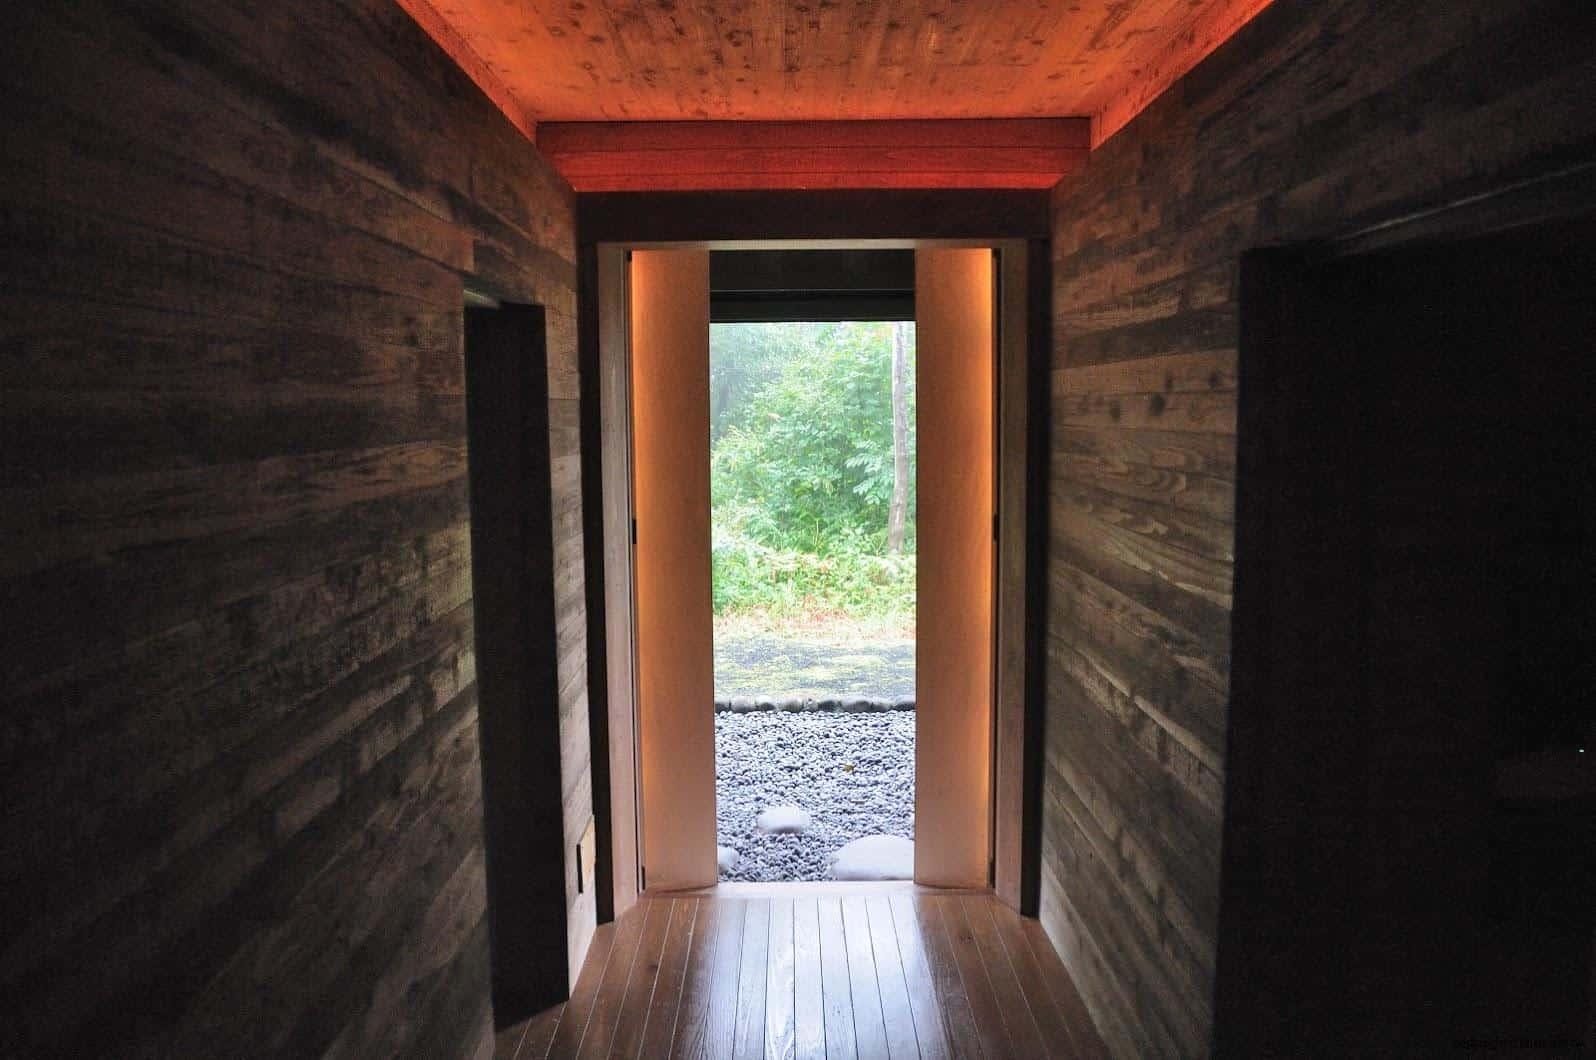 詹姆斯‧特瑞爾,光之館,作品「Light Bath」,浴缸和出入口的各個地方都可以看到光線,泡澡時可以和這夢幻的作品合為一體;限住宿客人體驗 越後妻有 光之館 house of light 05